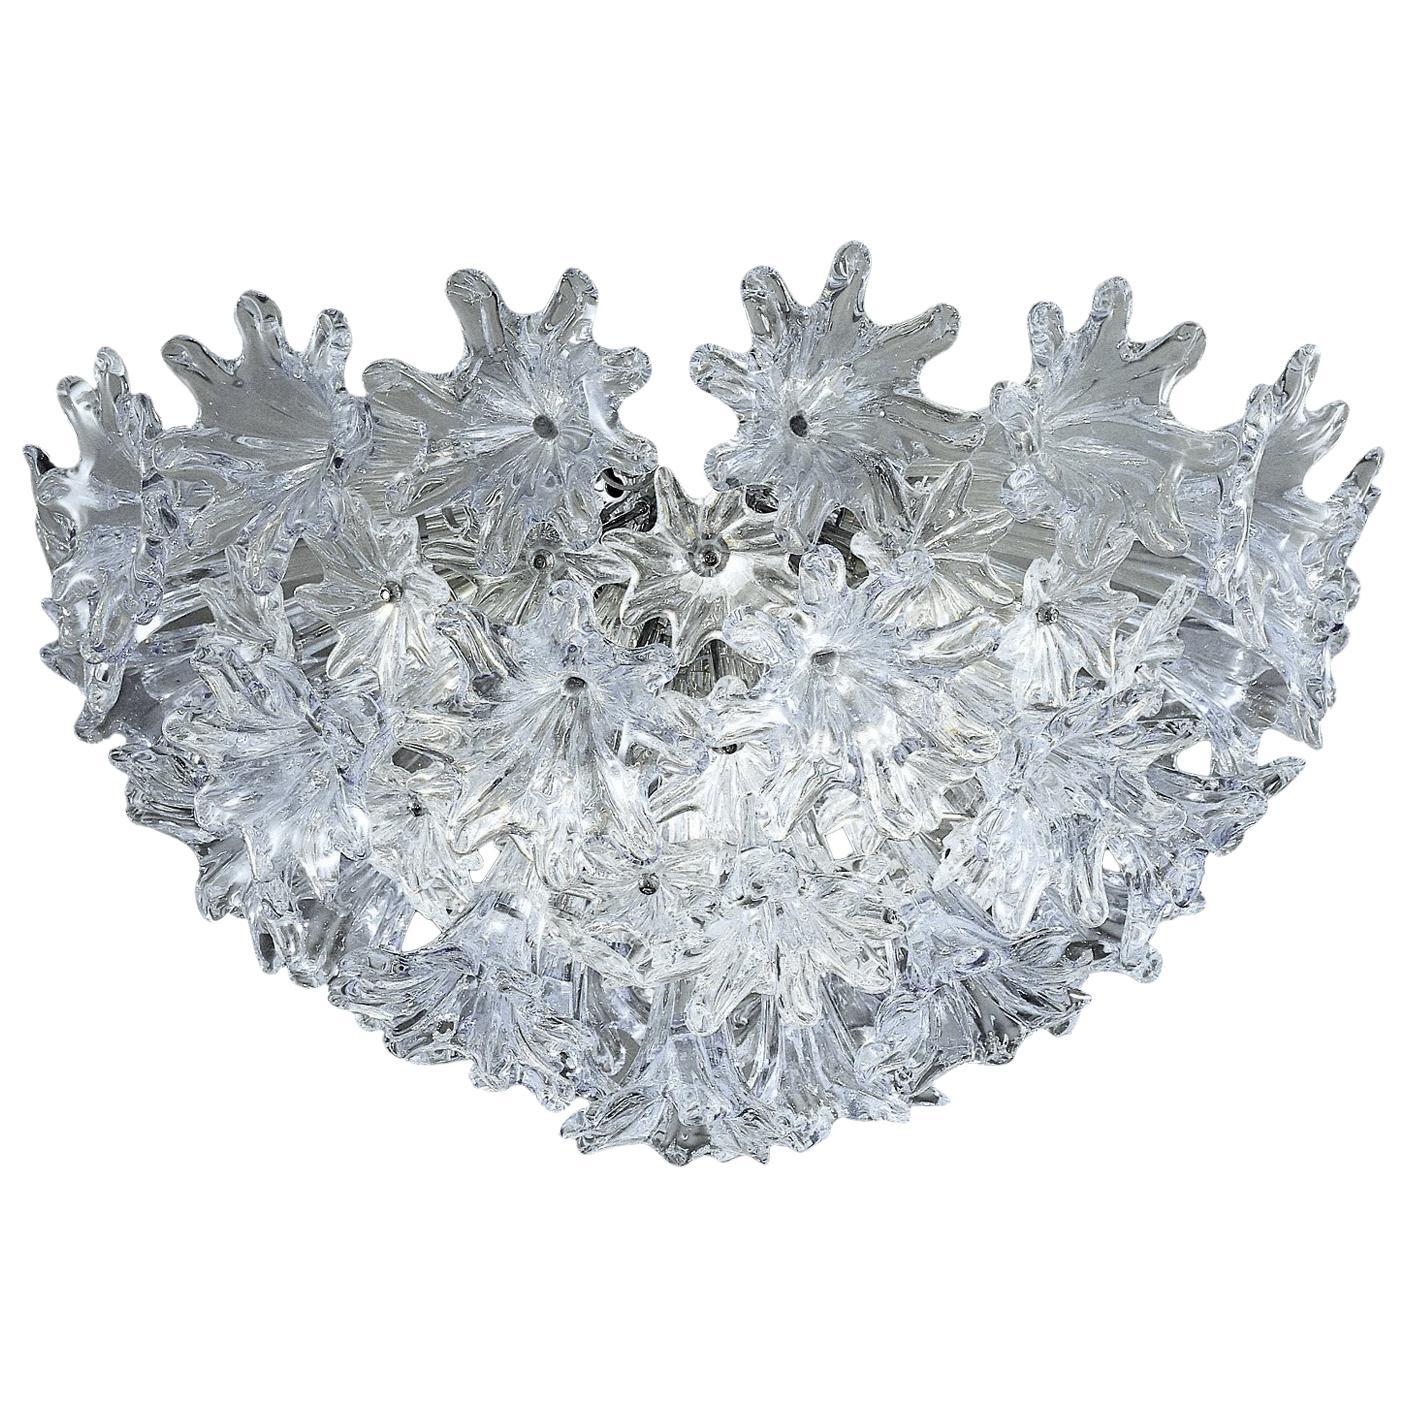 Venini Esprit Ceiling Light in Crystal